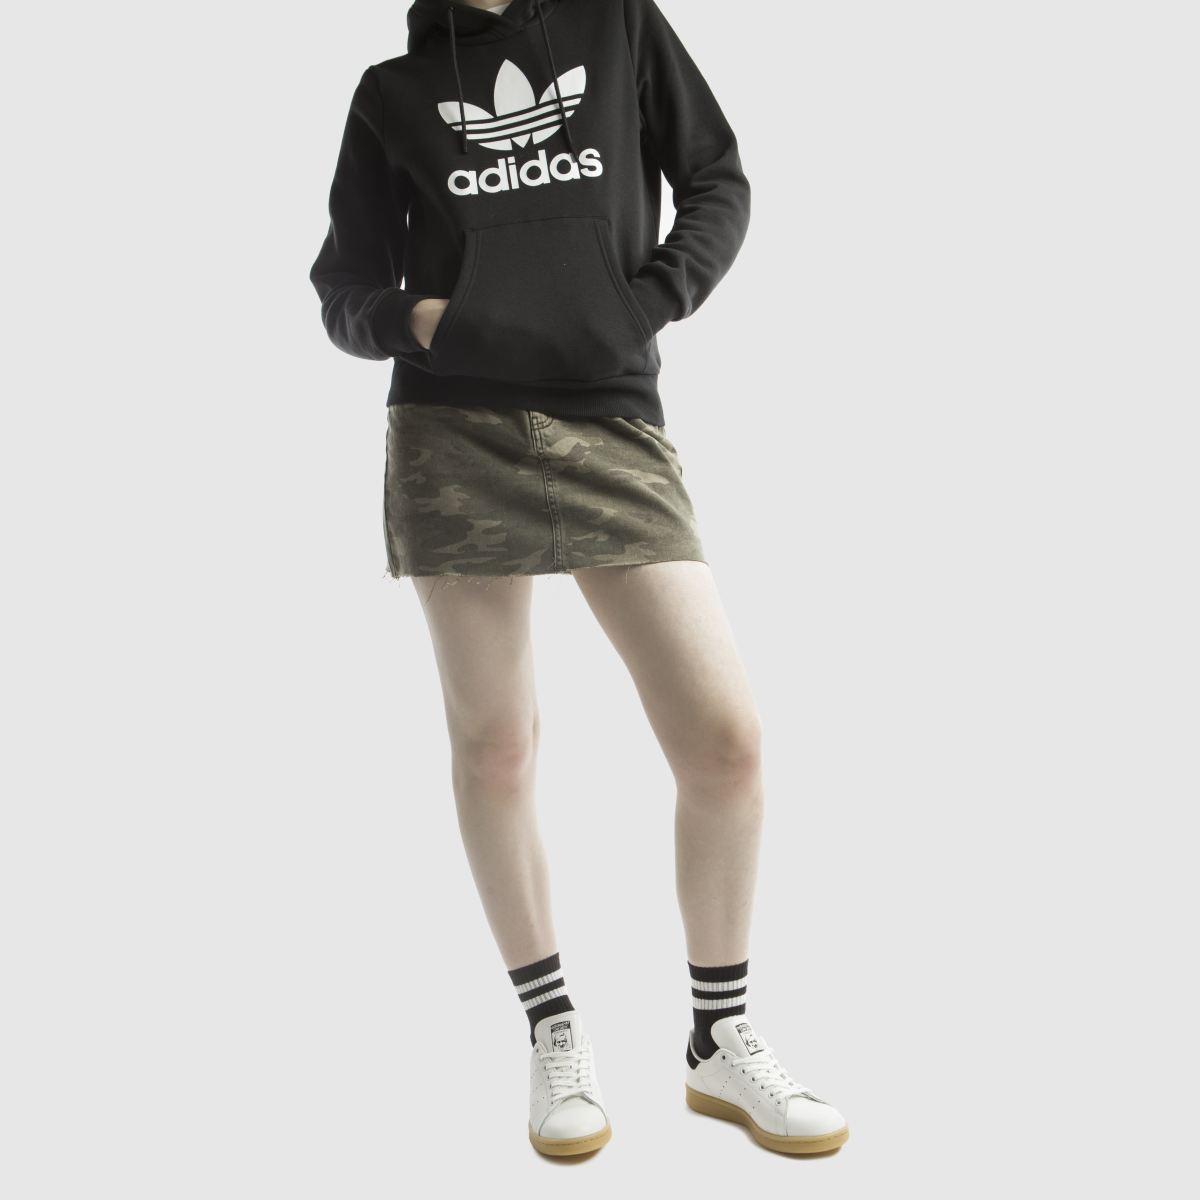 Damen Weiß-schwarz adidas Stan Smith Leather Gum Sneaker | schuh Gute Qualität beliebte Schuhe